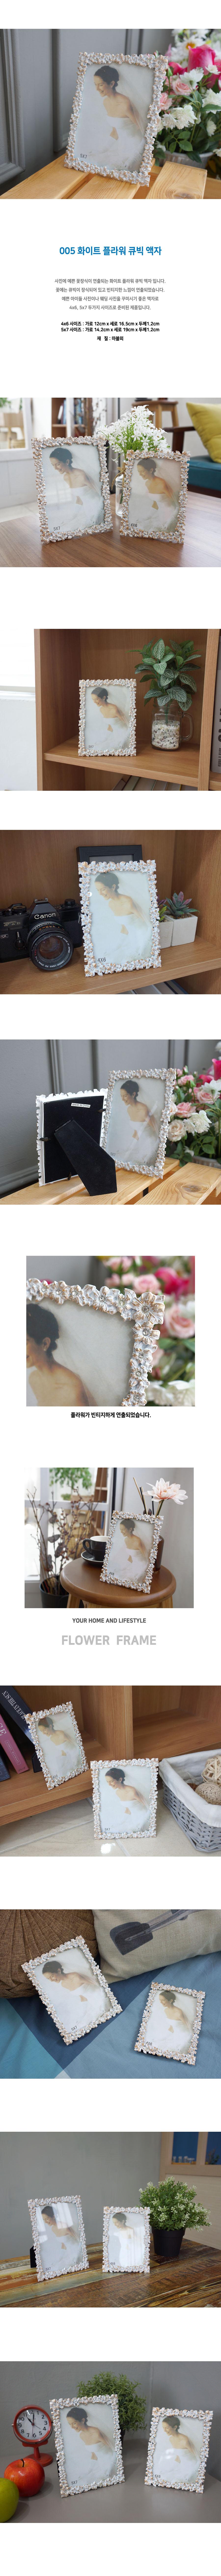 DS-S107화이트 플라워 큐빅 사진 액자 2size 인테리어 탁상용 포토 소품 - 리빙톡톡, 30,000원, 액자, 앤틱액자